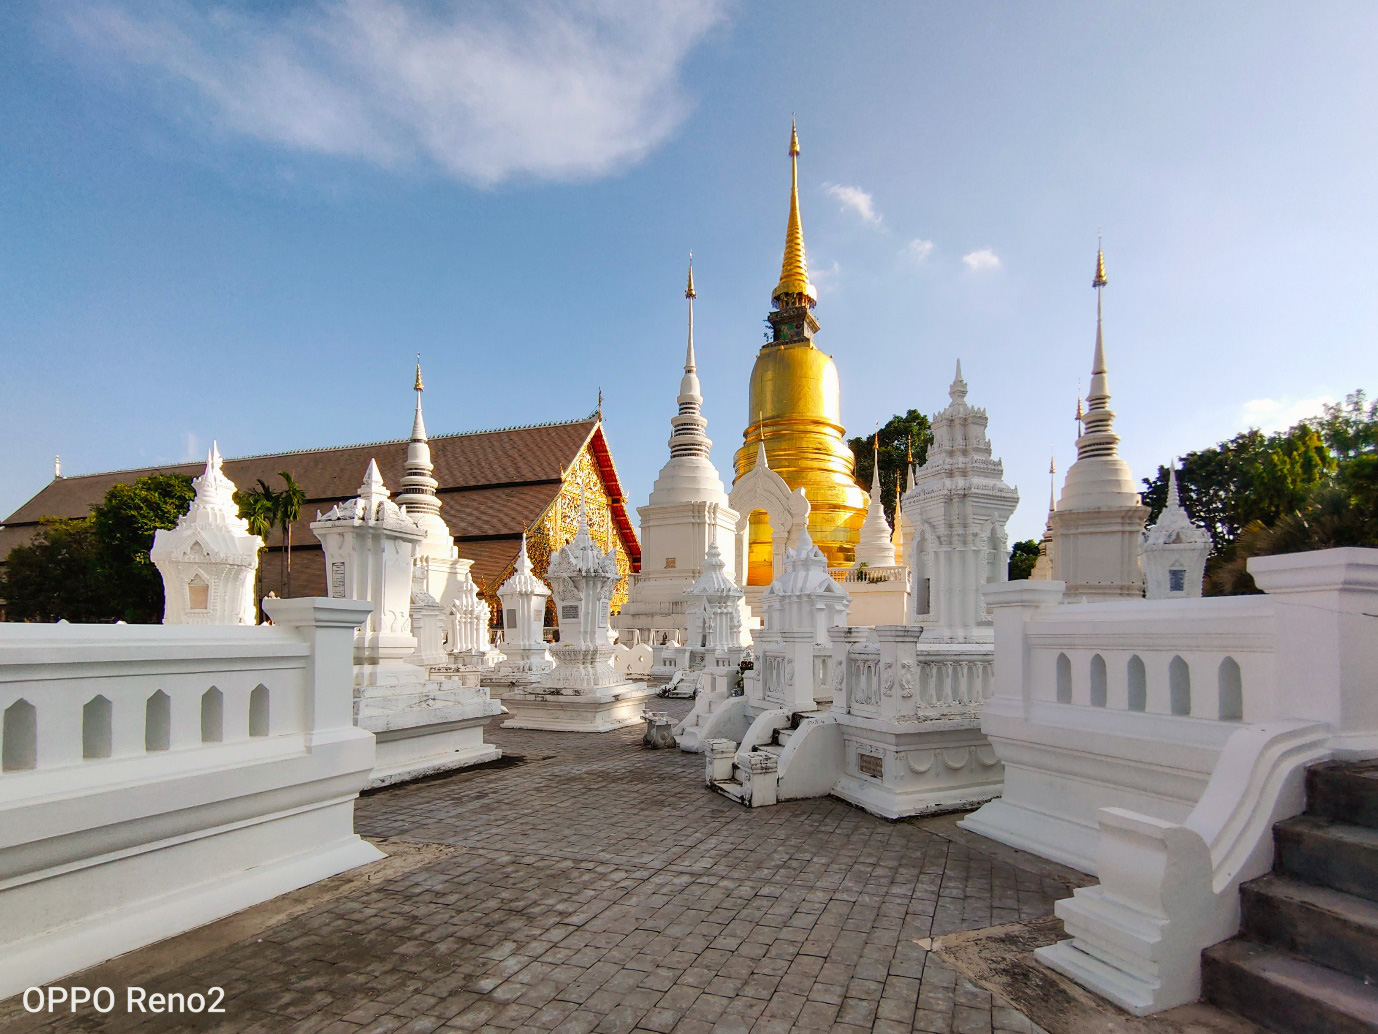 Khám phá vẻ đẹp cổ kính và thanh bình của Chiang Mai qua ống kính OPPO Reno2 - Hình 1